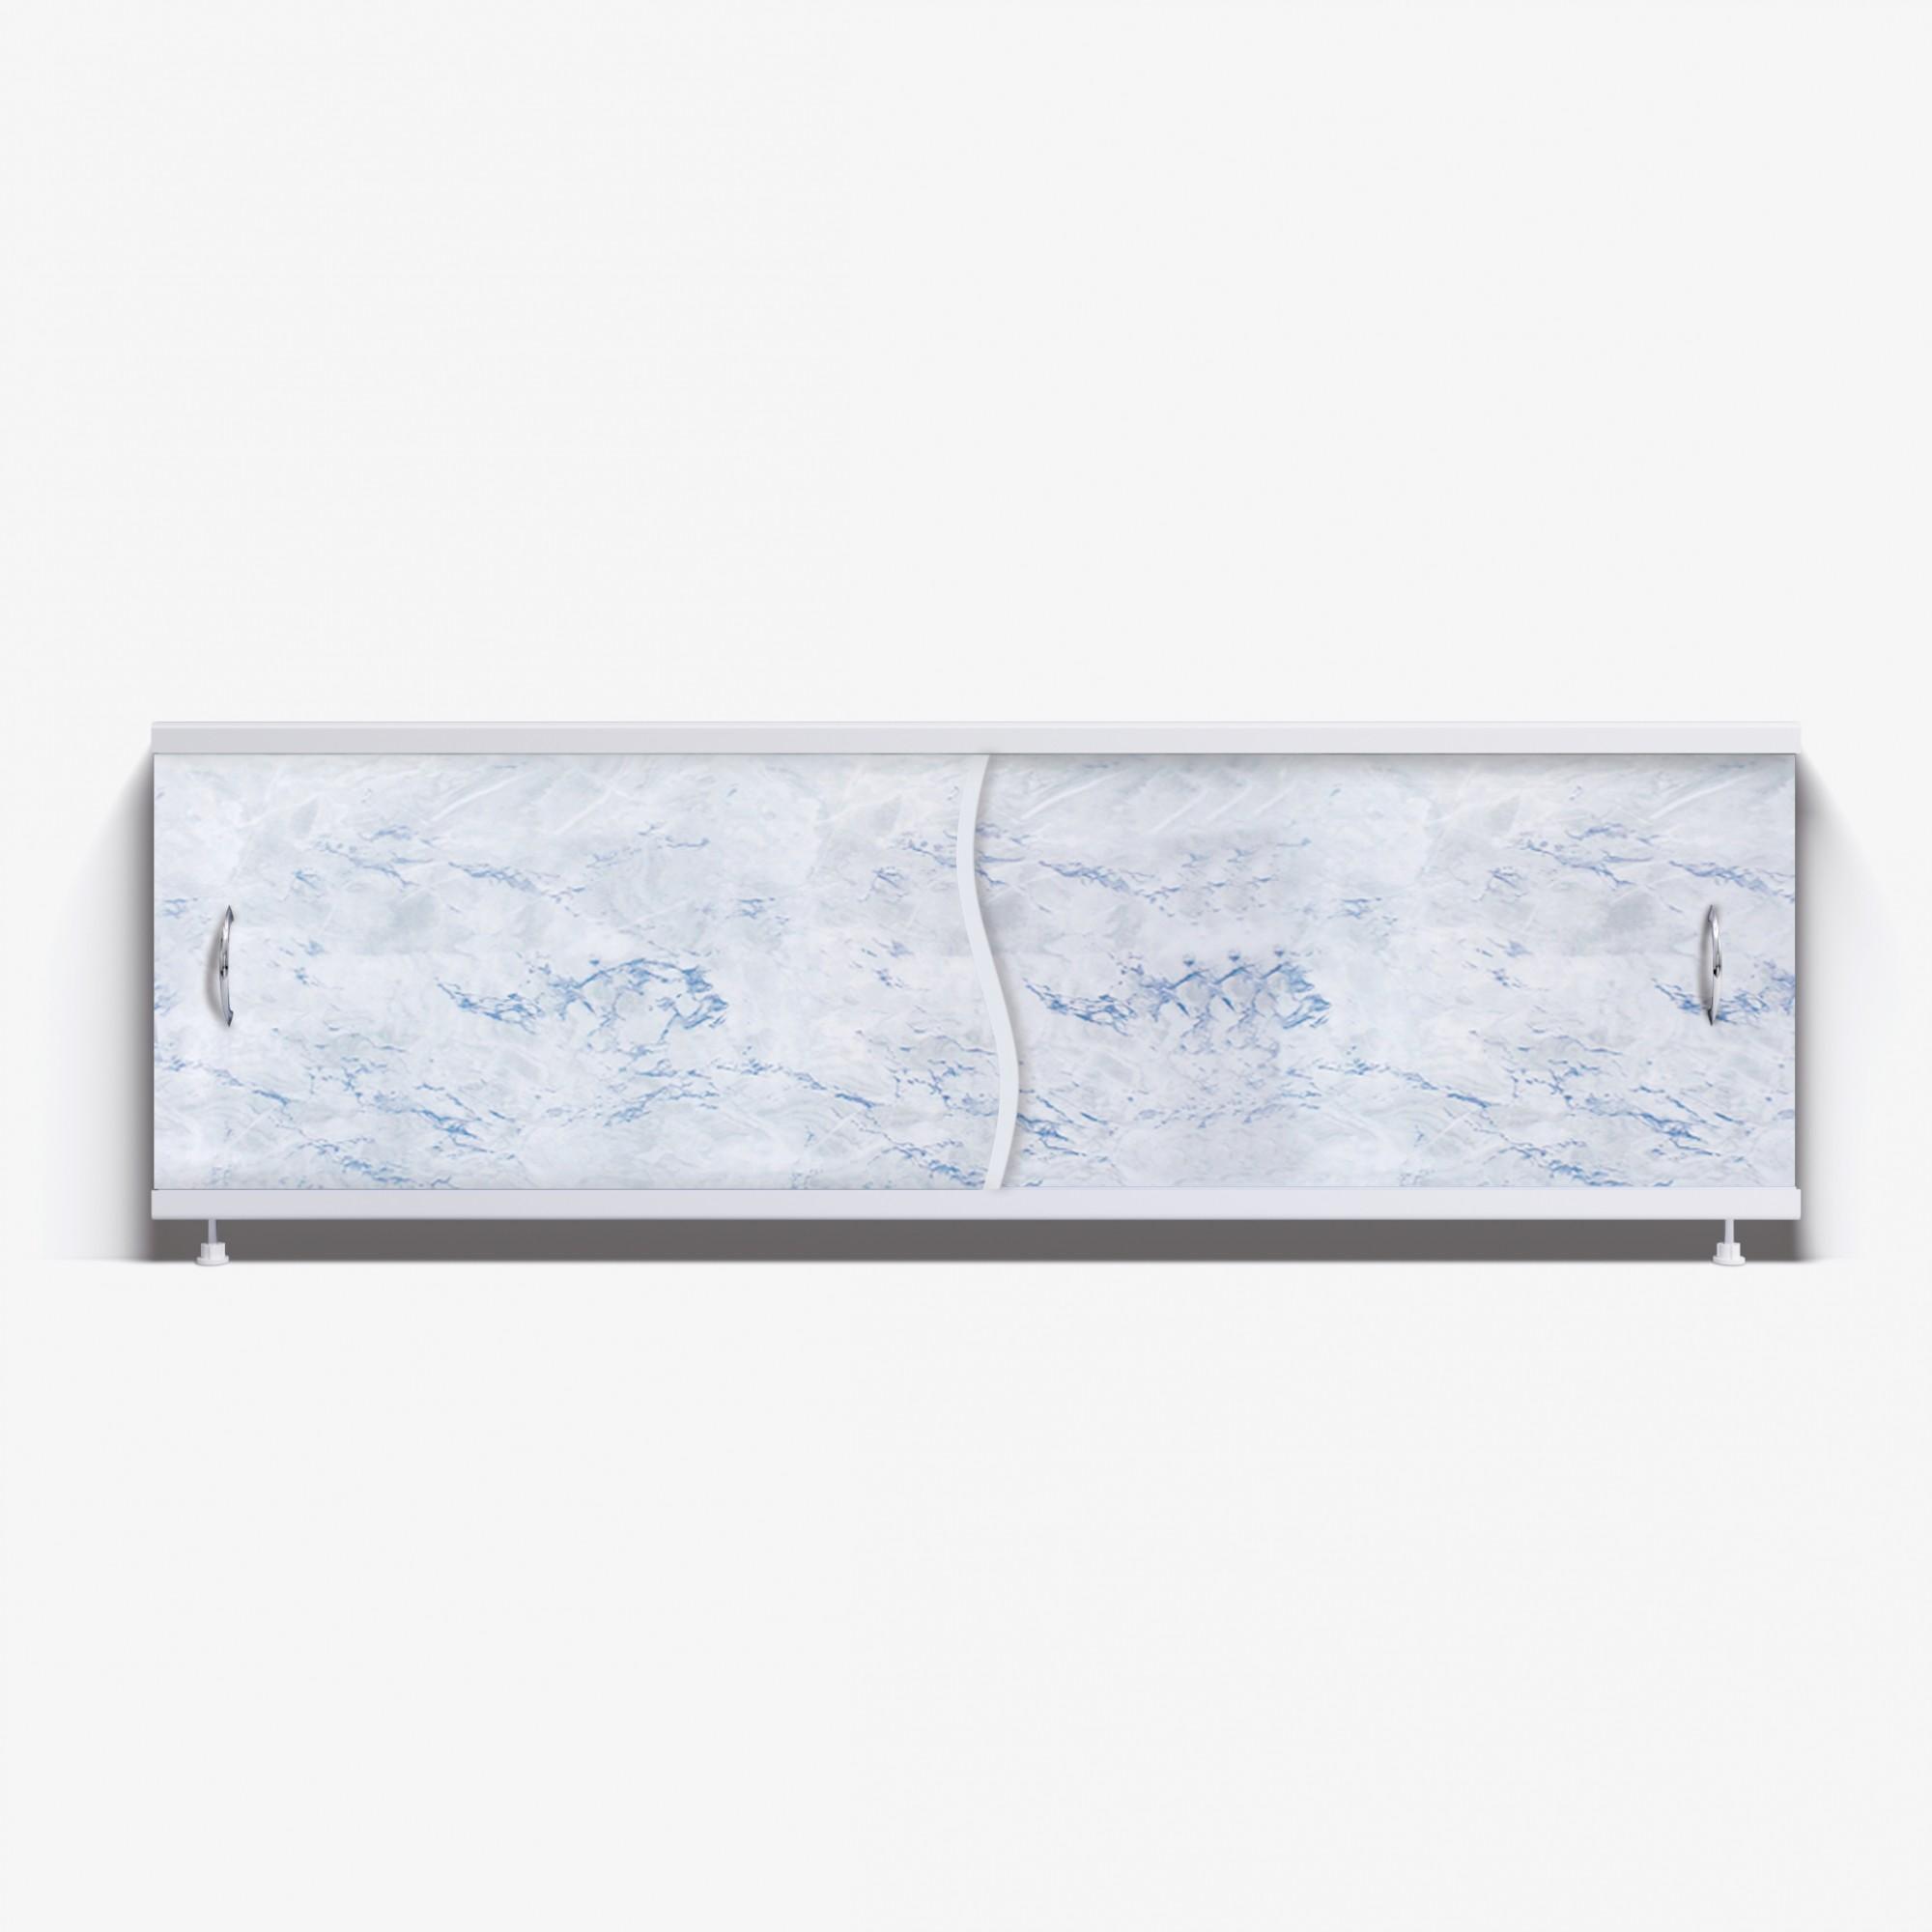 Экран под ванну Премьер 170 серо-голубой мрамор